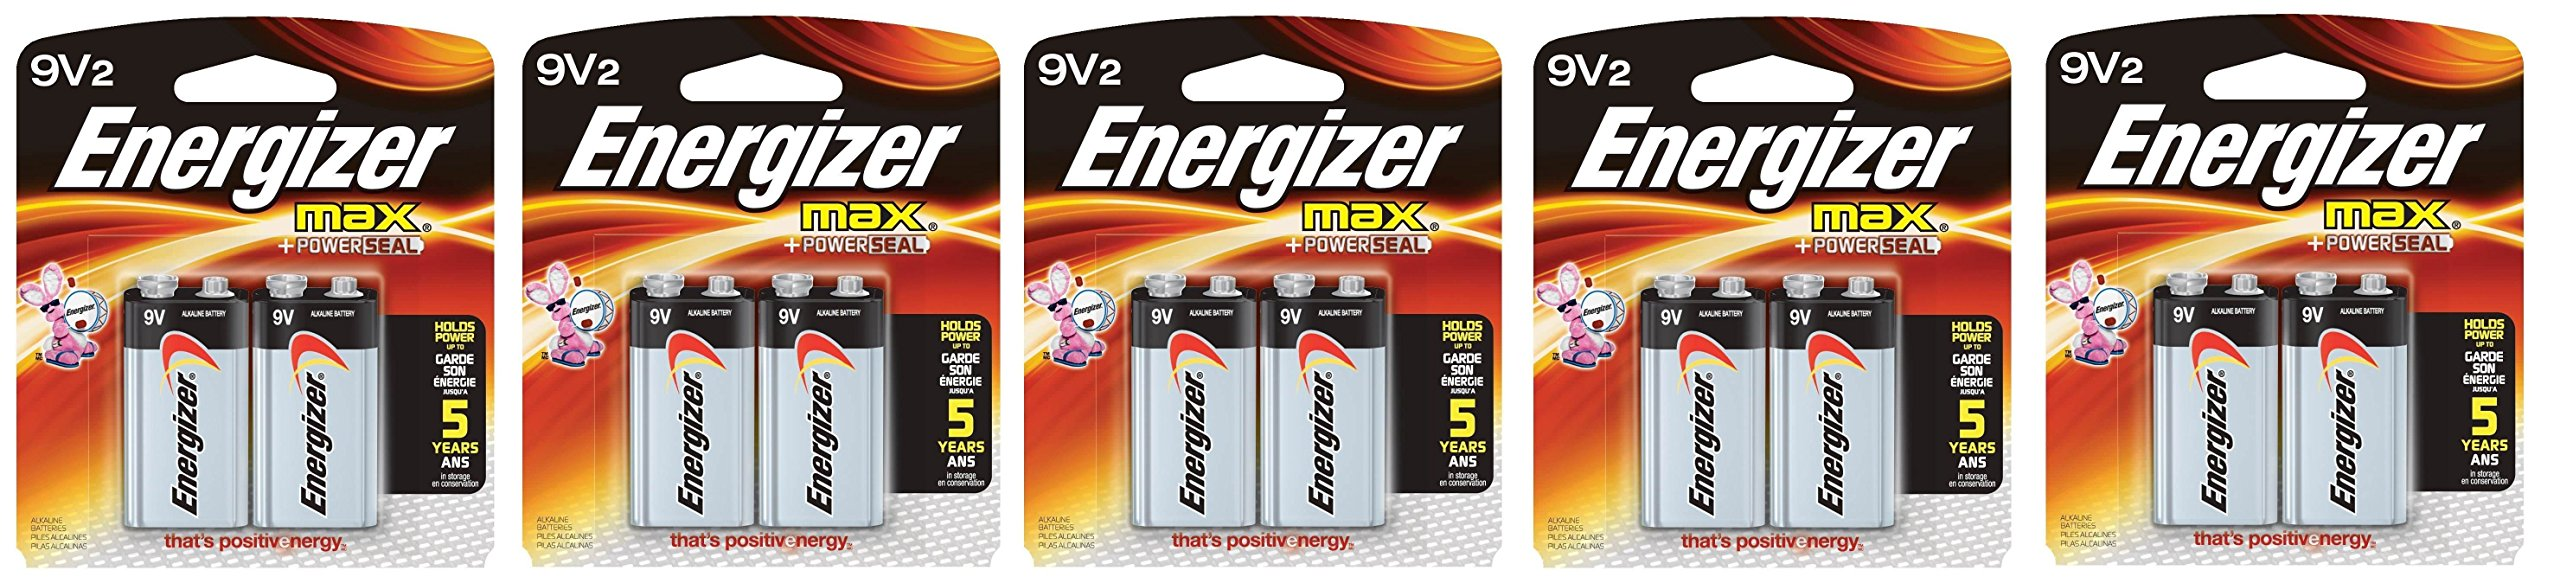 Energizer Max SMKLdg Alkaline 9 Volt, 2 Count, 5 Pack